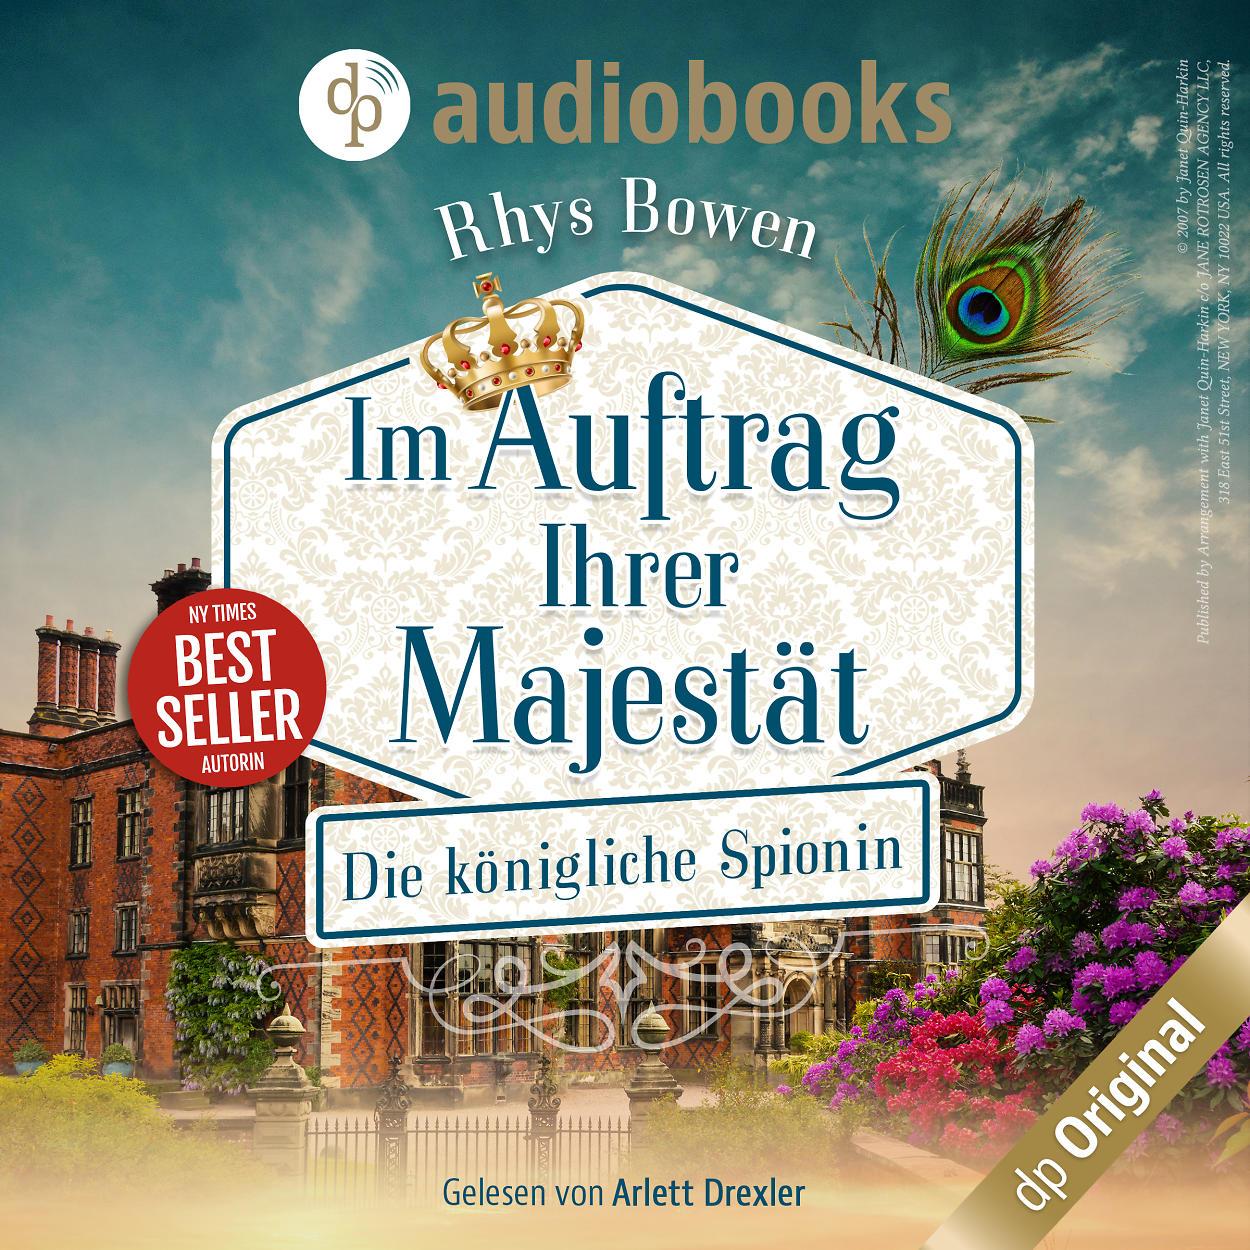 Audiobook - Die königliche Spionin